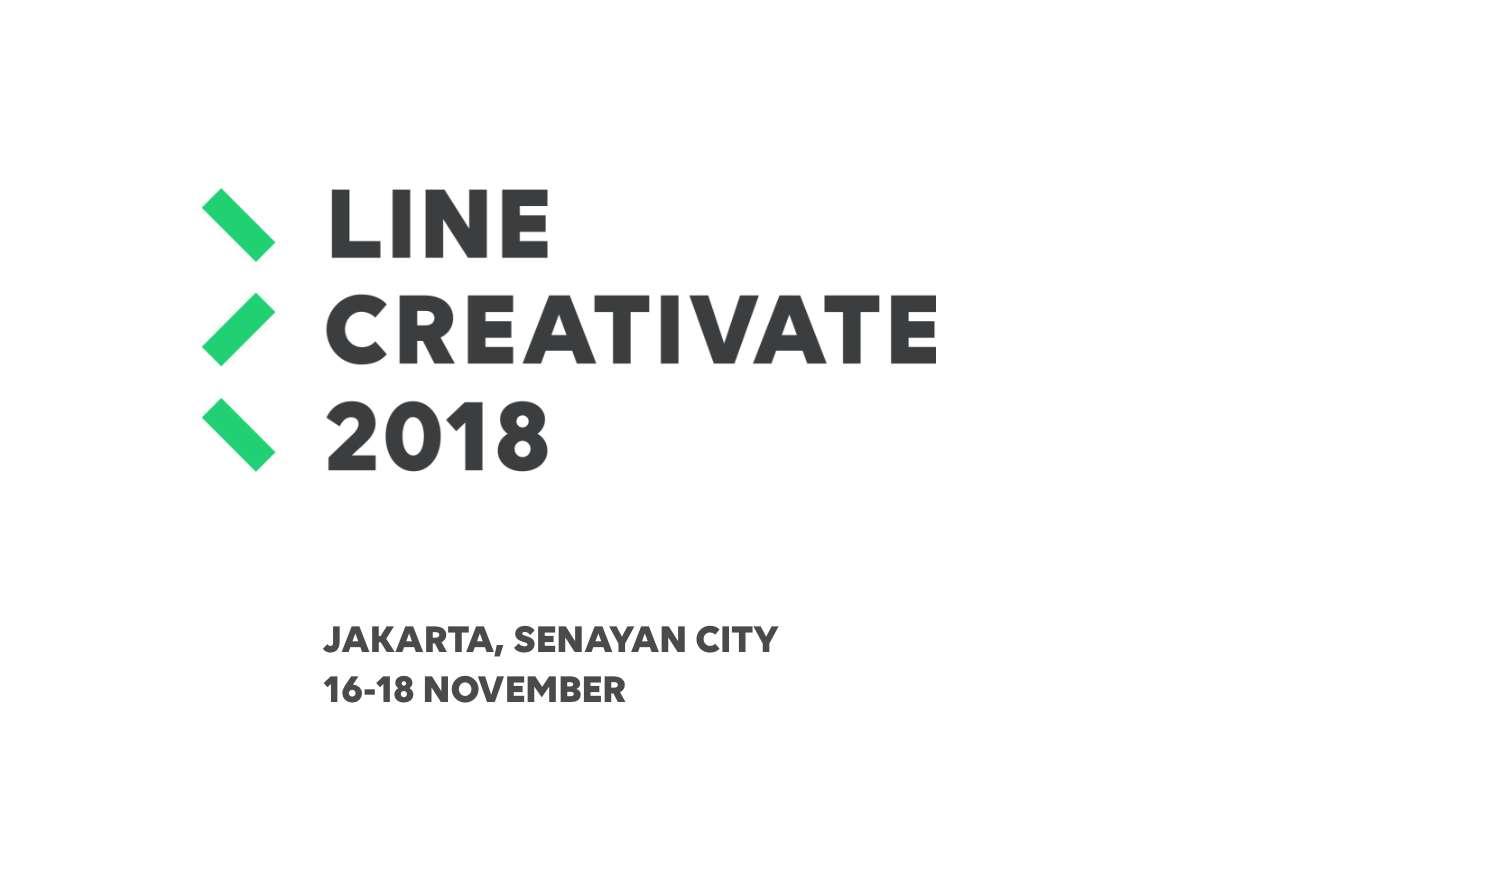 Line Creativate 2018 Sudah Dimulai